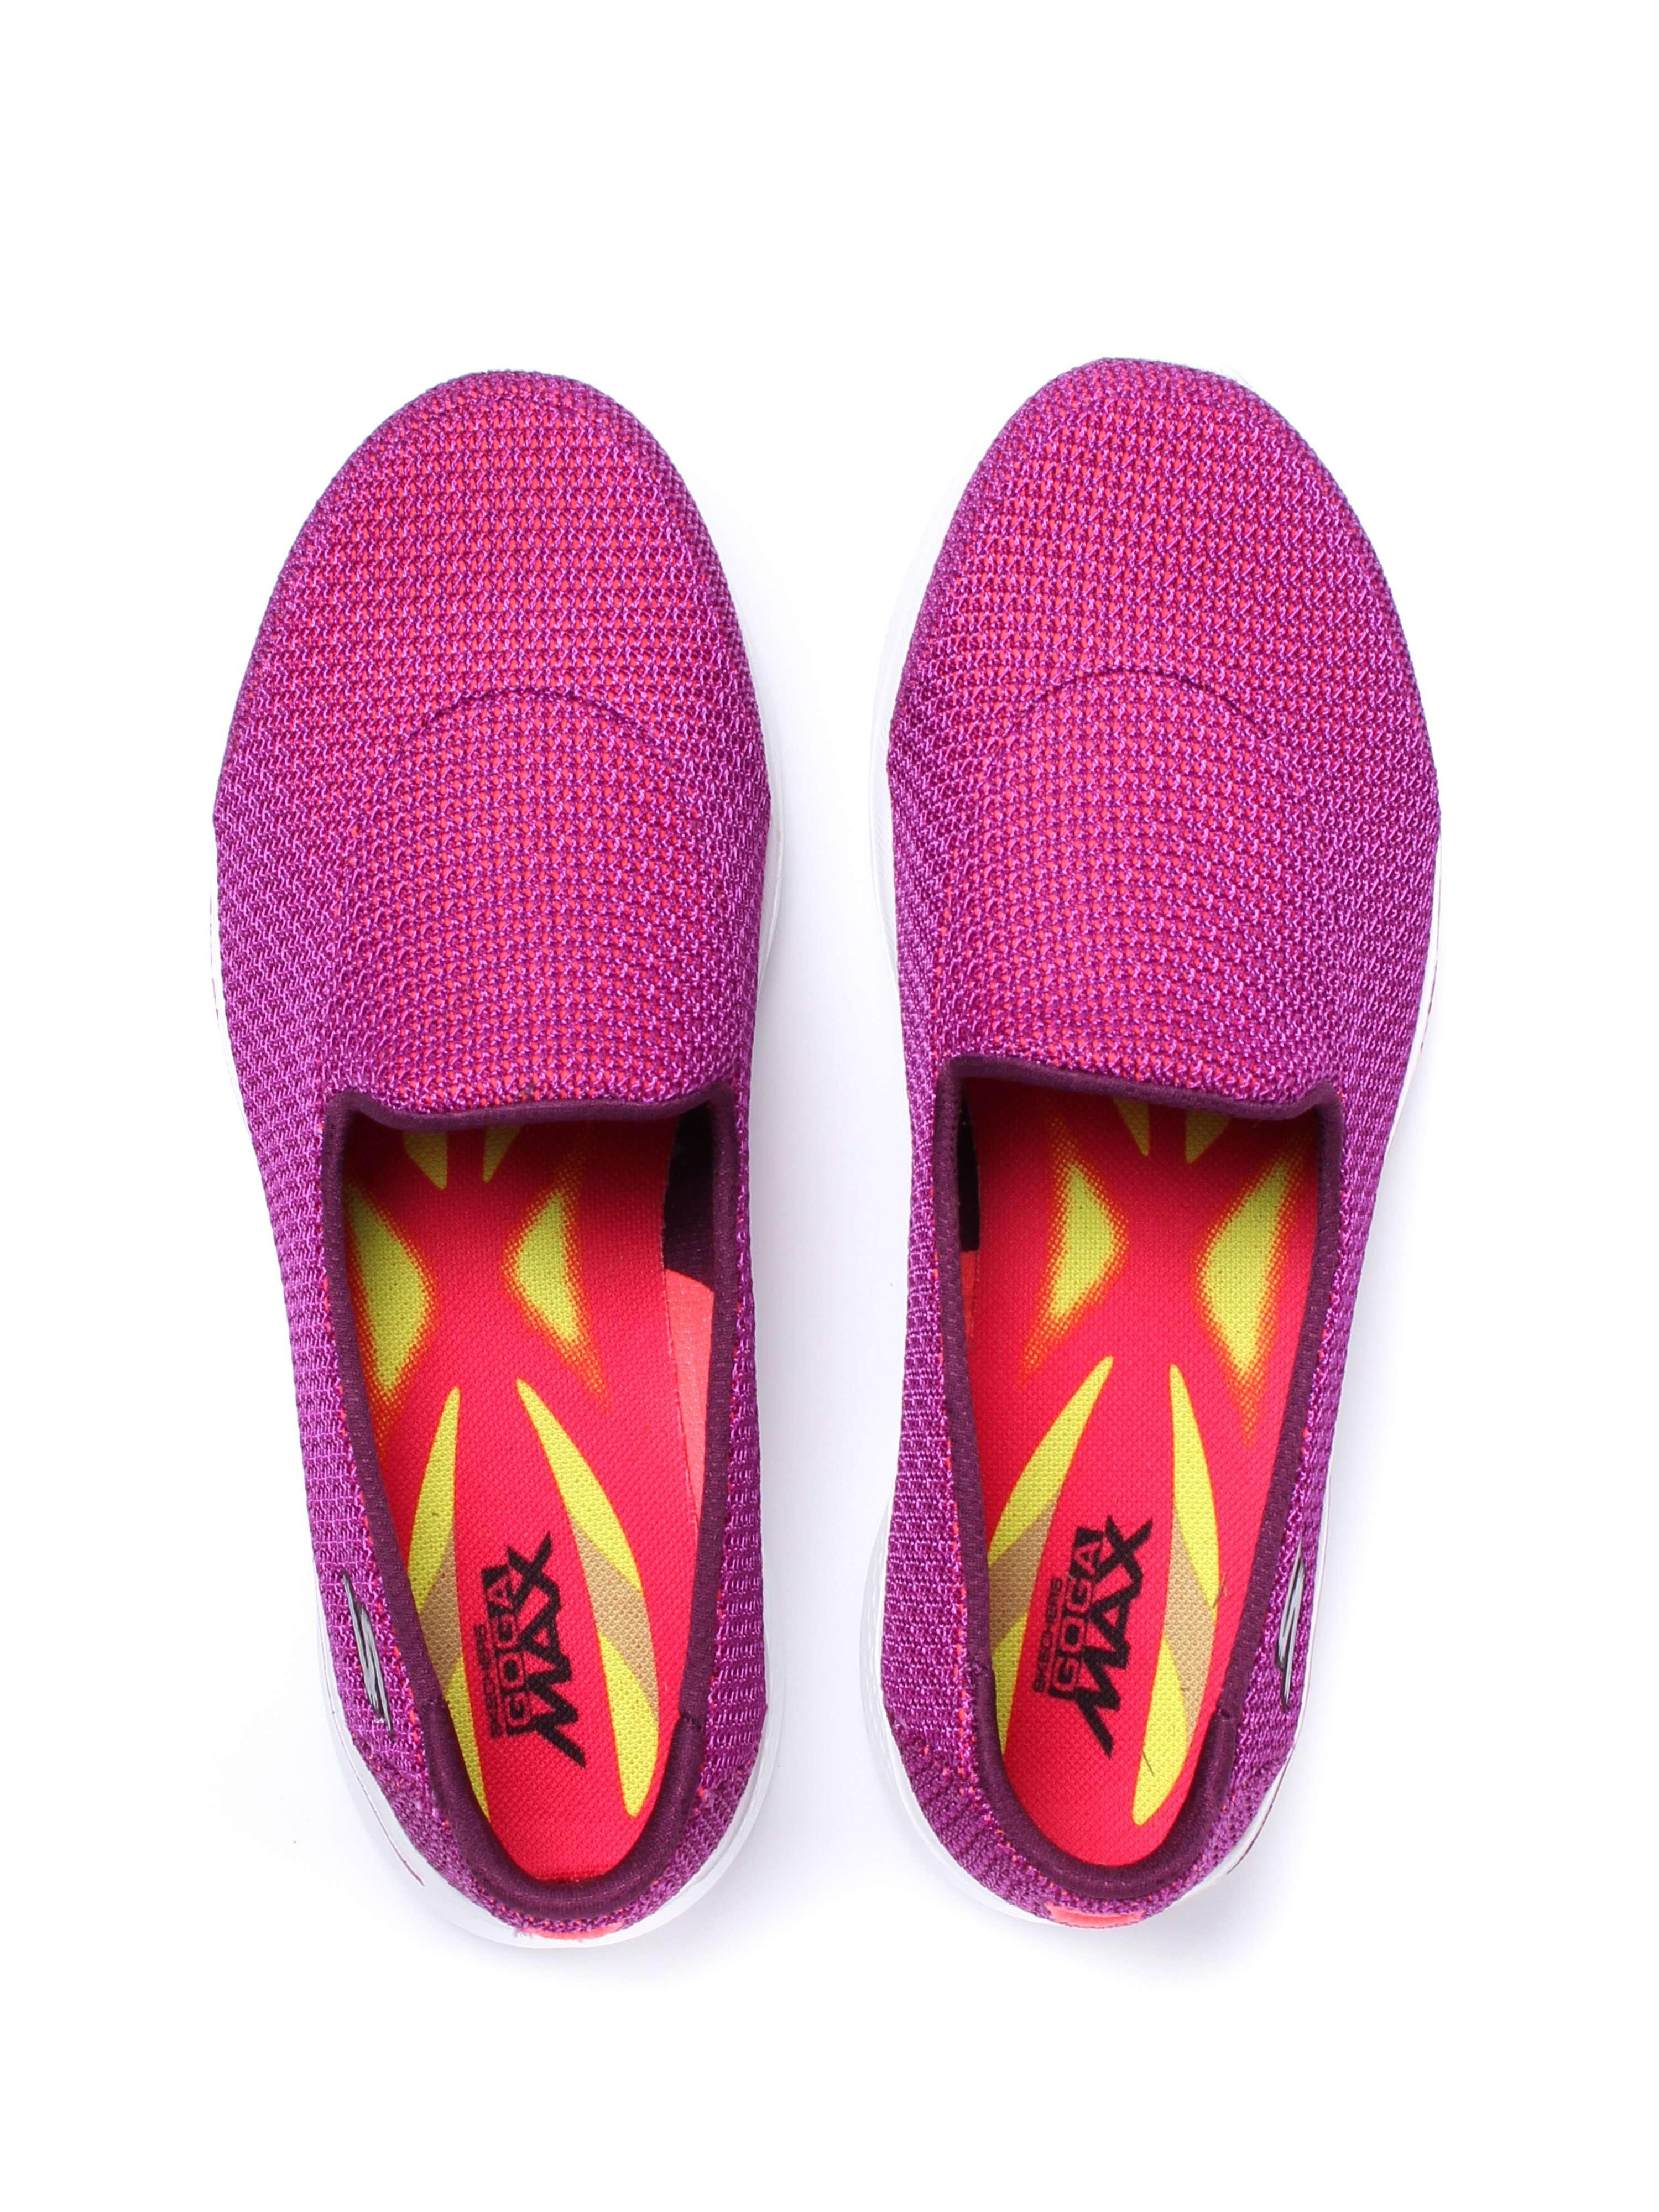 Skechers Women's Go Walk 4 Majestic Trainers - Purple